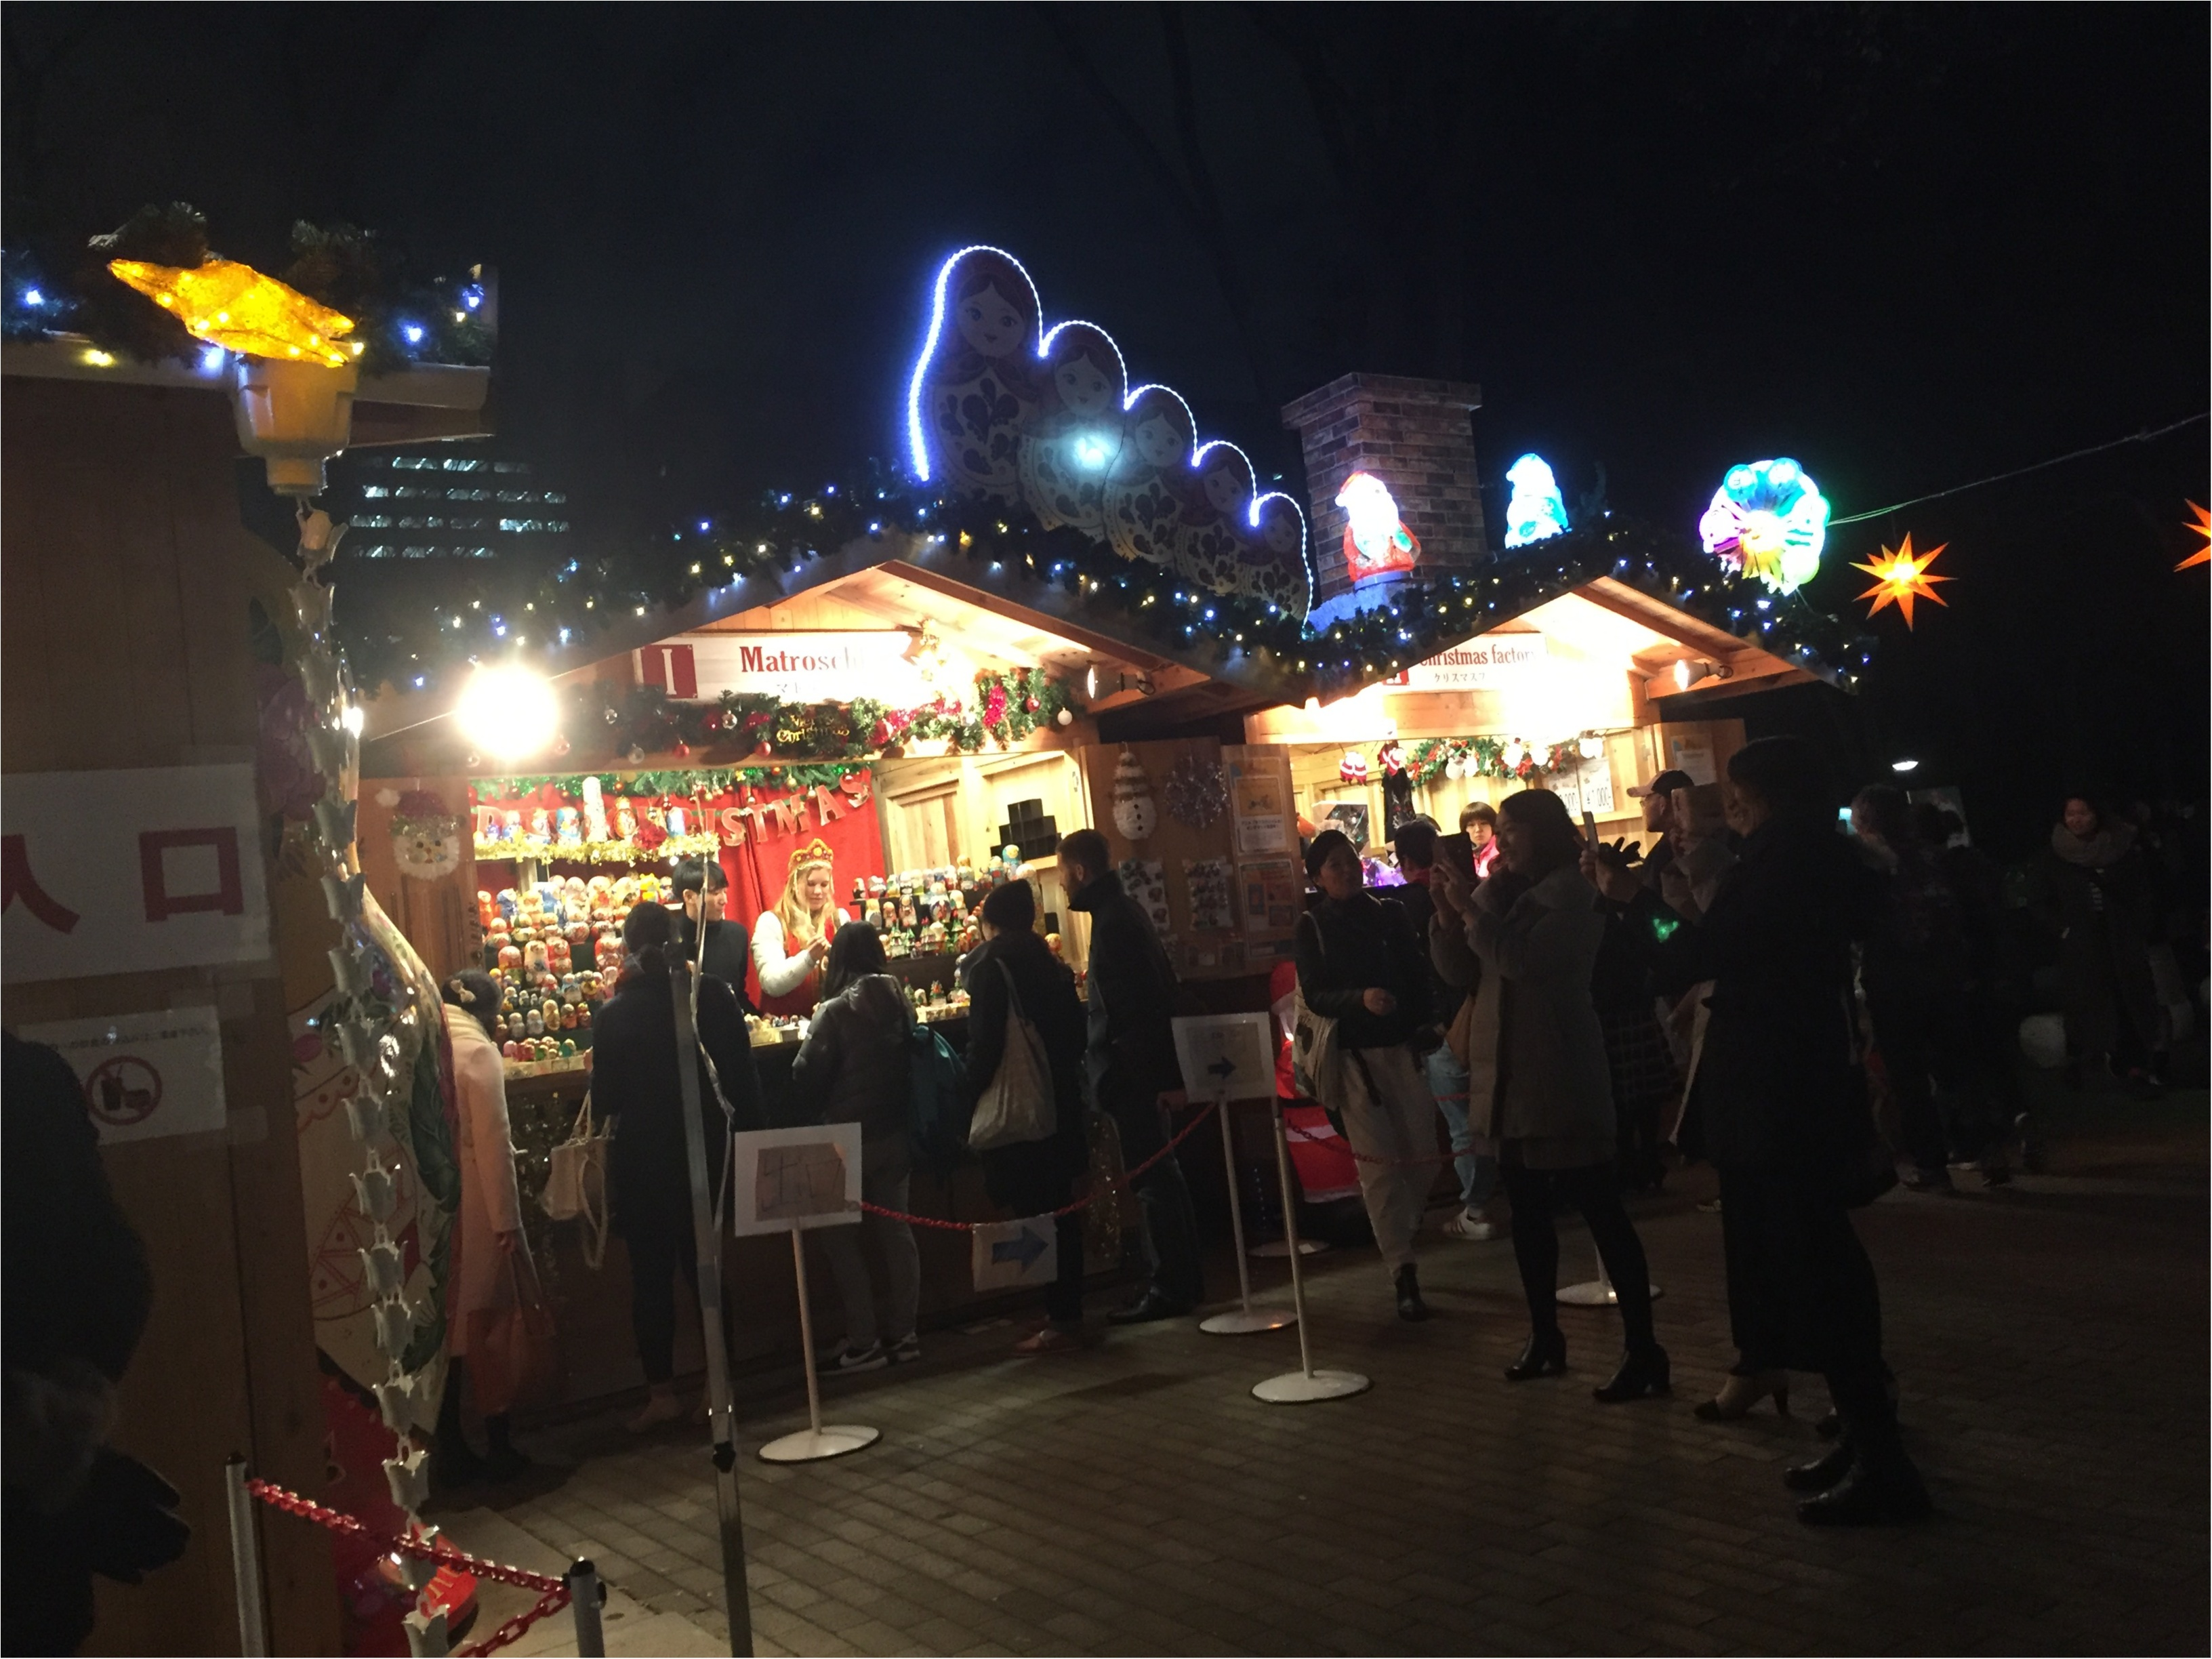 思わぬ素敵な出会いが✨✨日比谷公園【*東京クリスマスマーケット*】に行ってきました♪♪_4